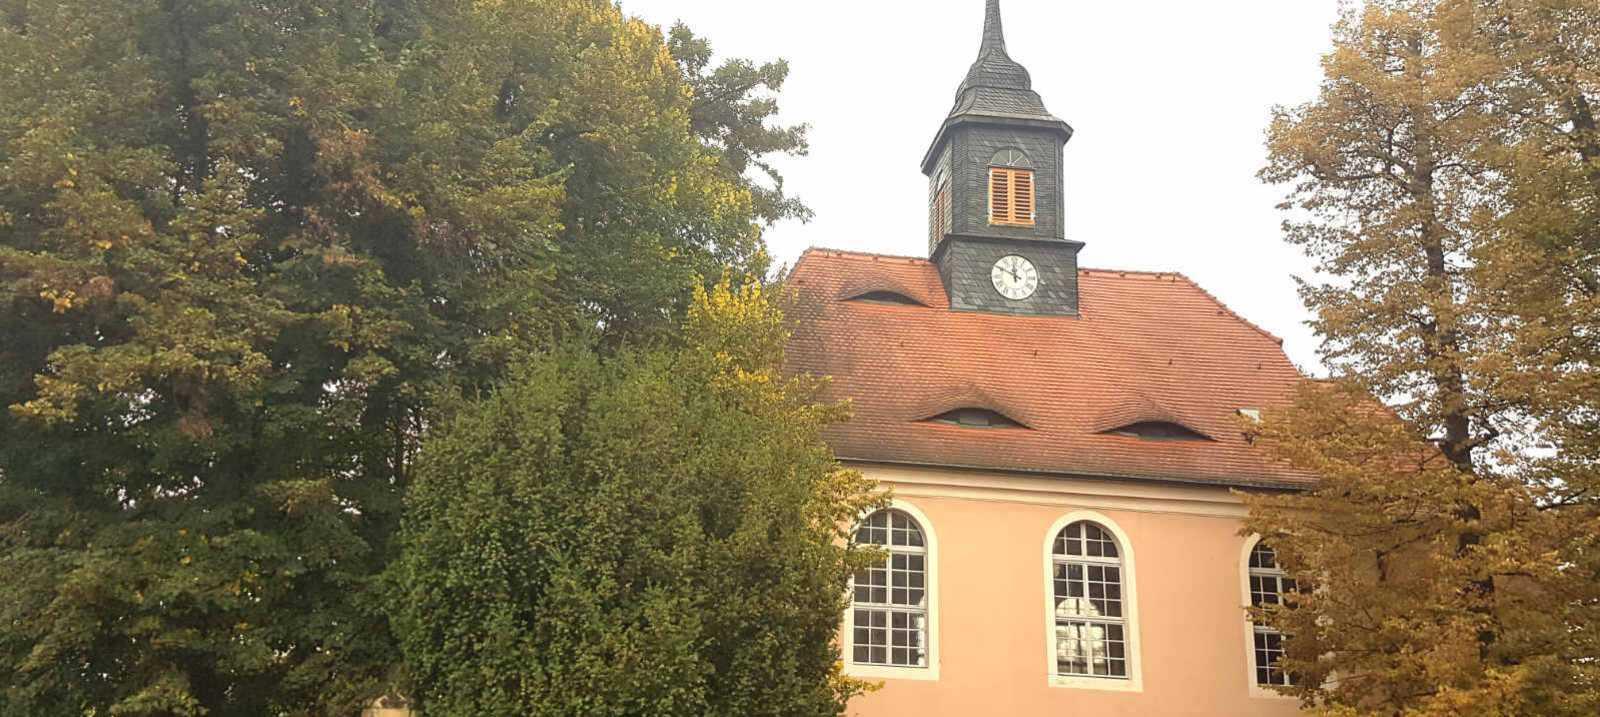 Schlosskirche Lockwitz